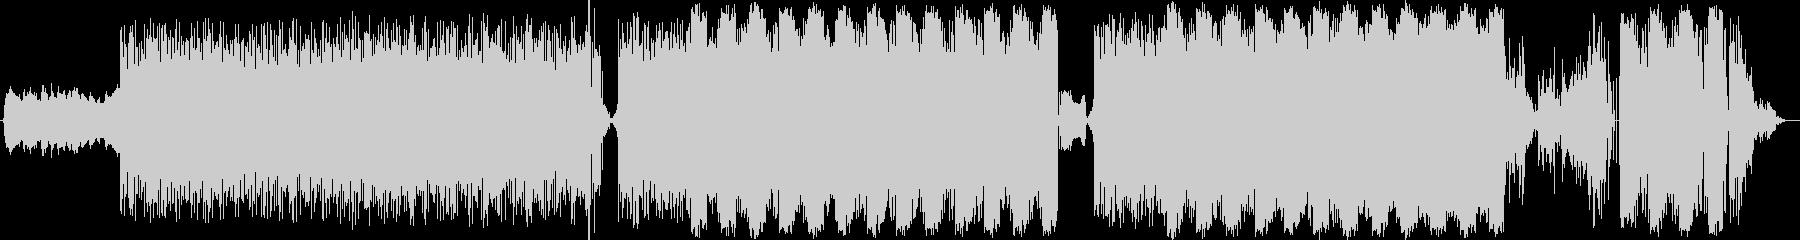 穏やかなワンリフのテクノポップの未再生の波形